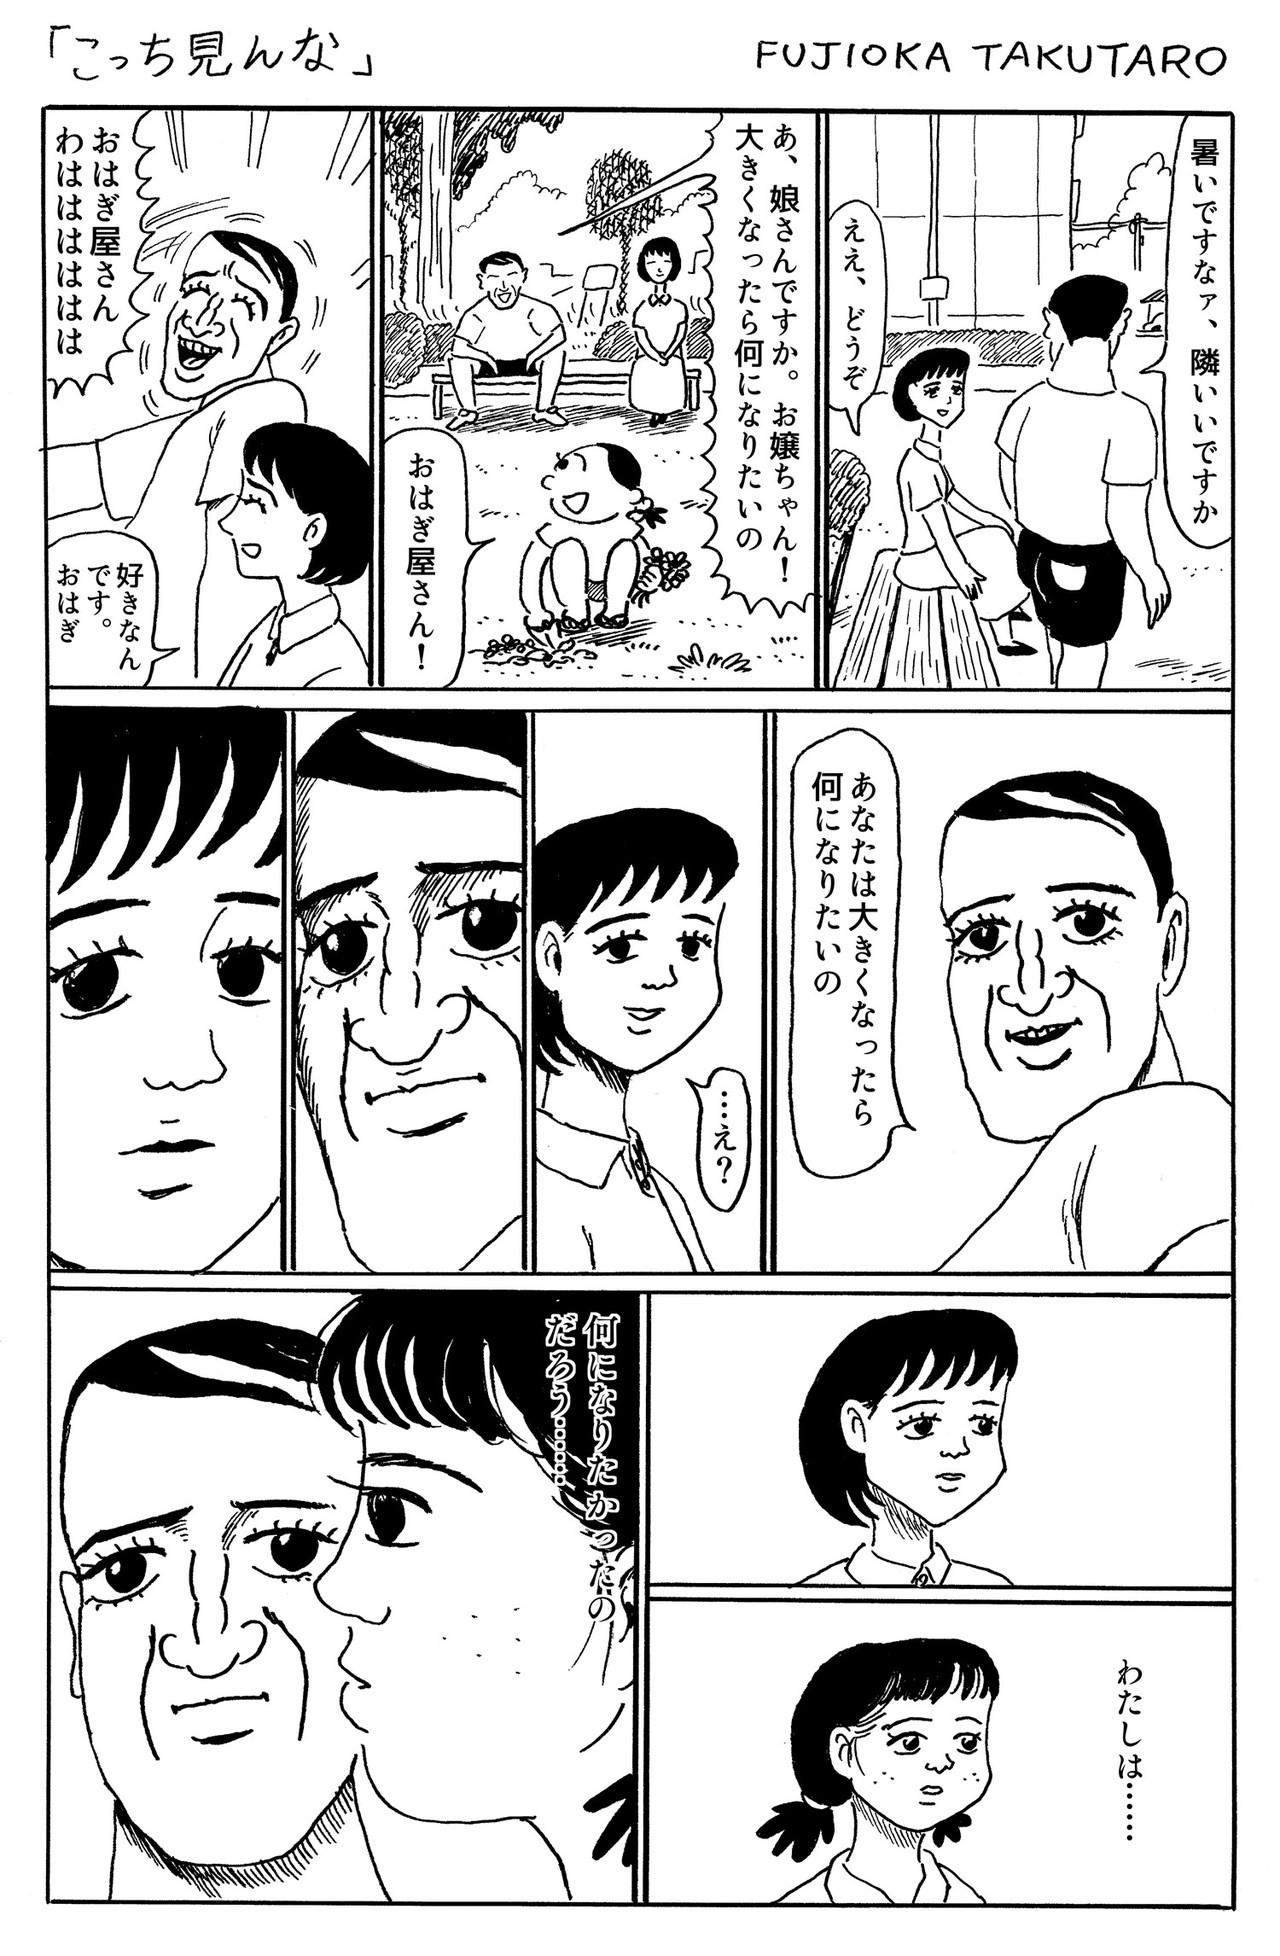 20190616_1ページ漫画_こっち見んな__R